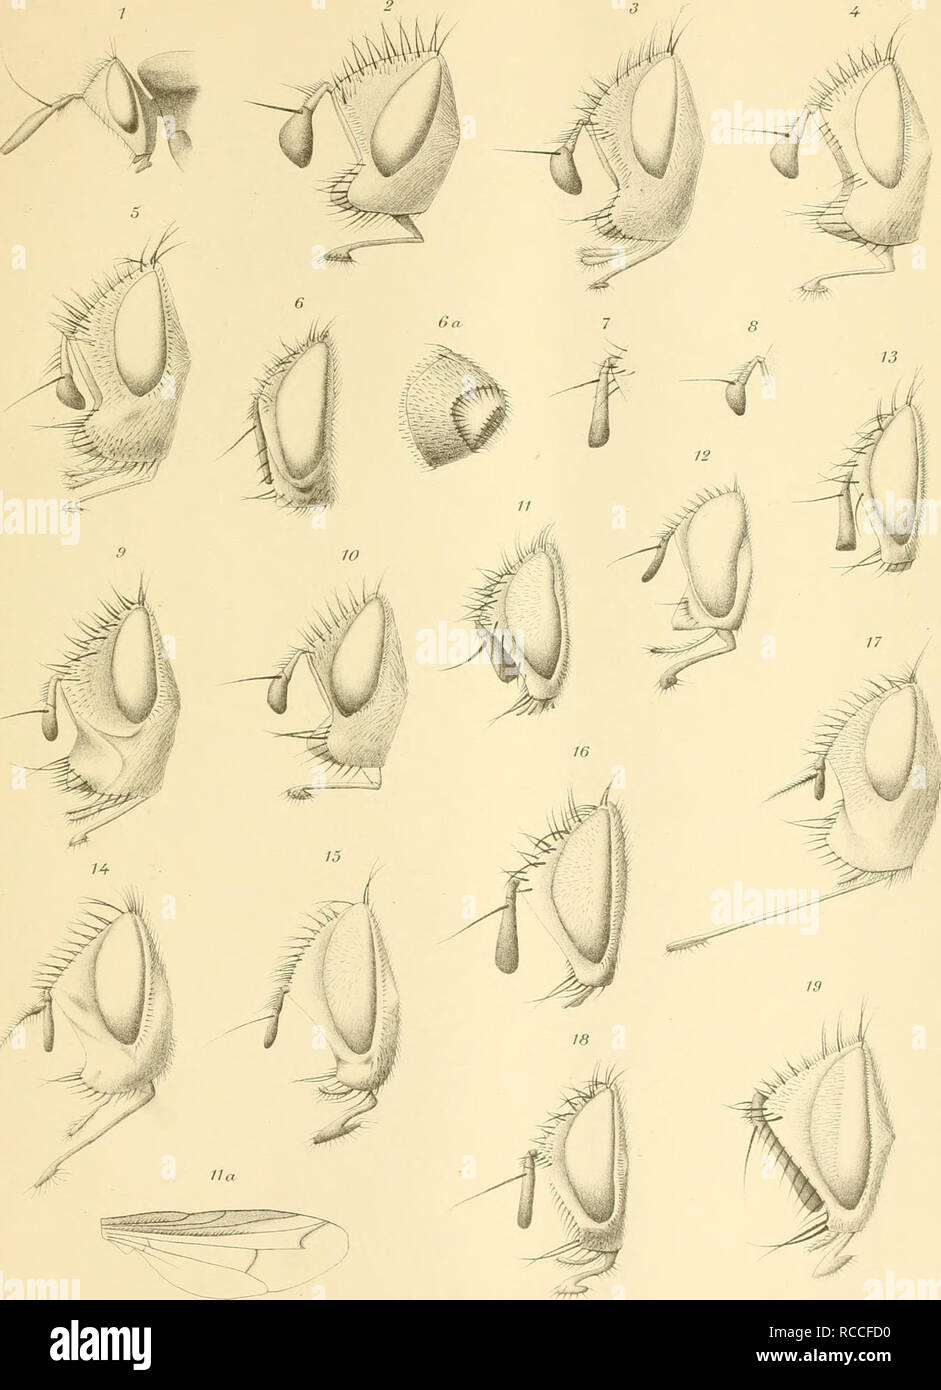 . Ditteri del Messico. Ditteri -- Messico. E, 6iglÌo-ot dis dal ver ili. Salussolia^Torino. Si prega di notare che queste immagini vengono estratte dalla pagina sottoposta a scansione di immagini che possono essere state migliorate digitalmente per la leggibilità - Colorazione e aspetto di queste illustrazioni potrebbero non perfettamente assomigliano al lavoro originale. Giglio-Tos, Ermanno. Torino : C. Clausen Foto Stock